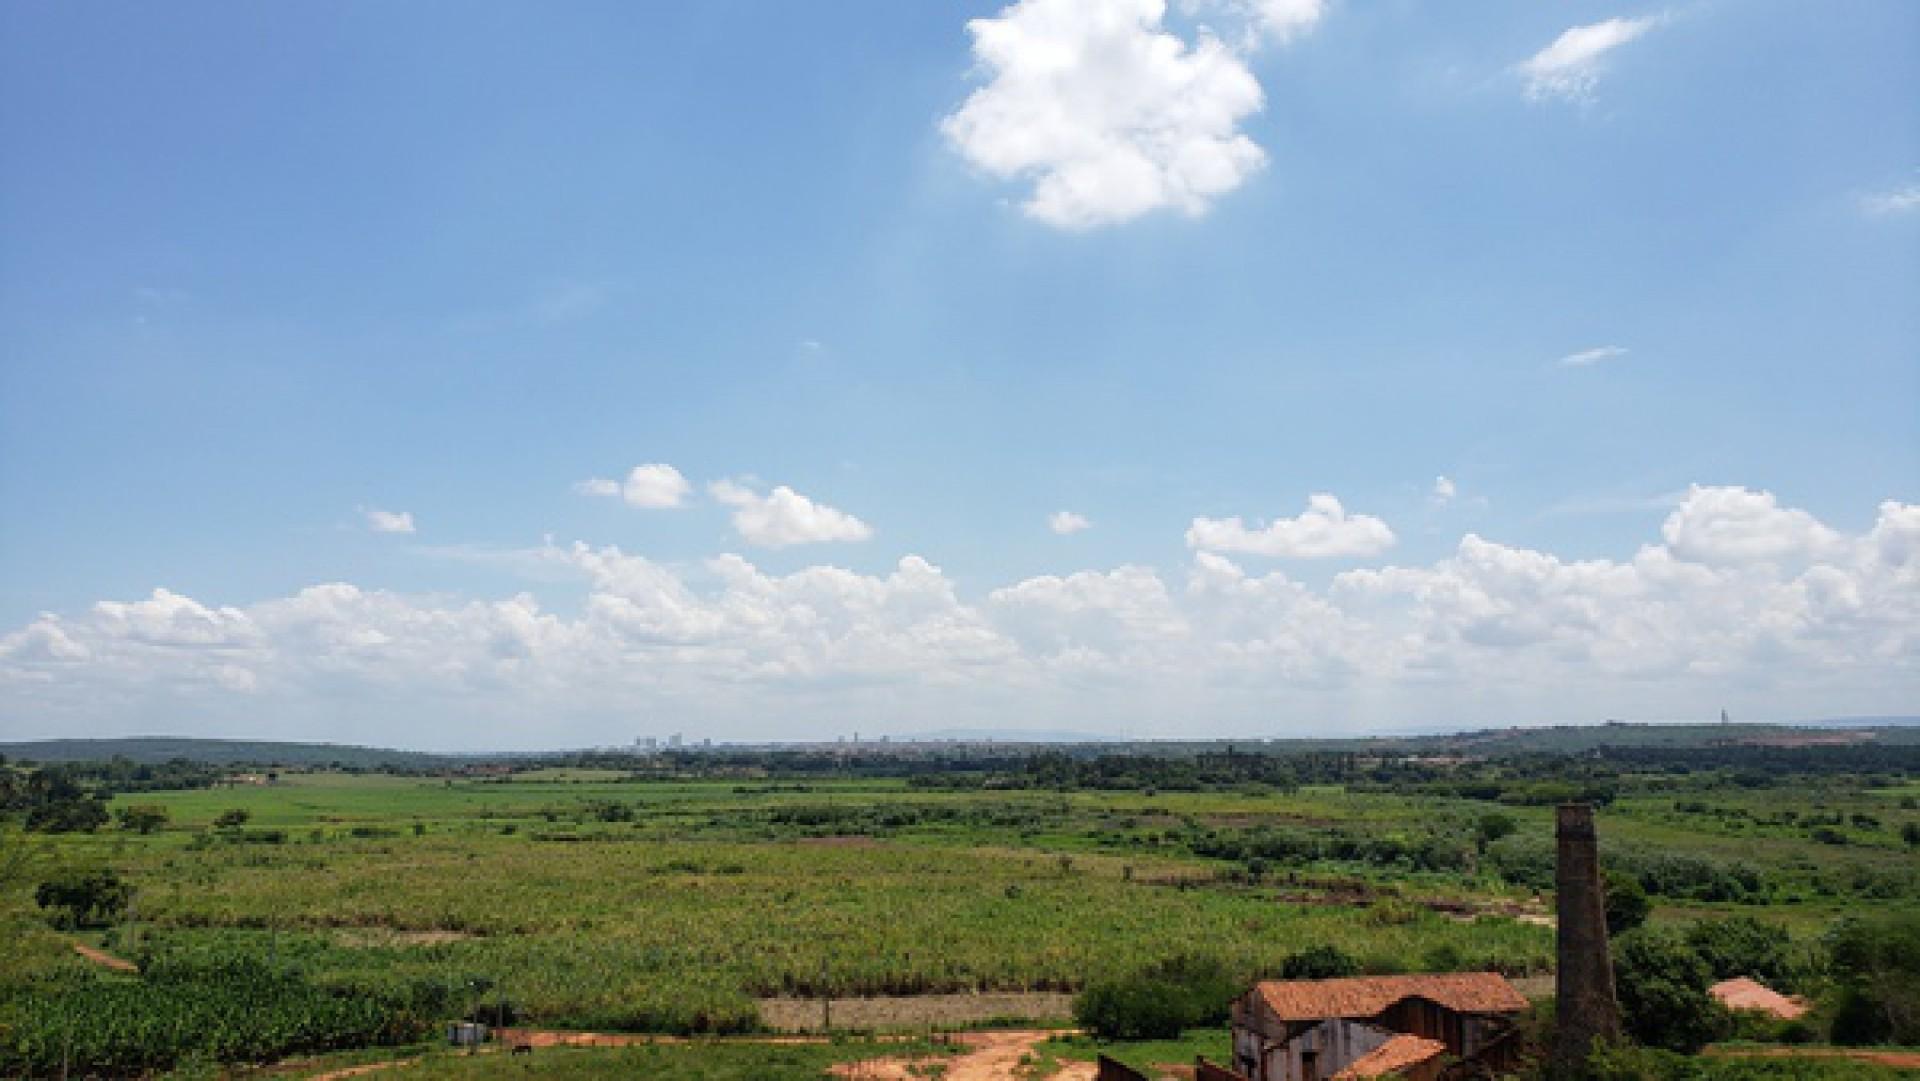 Cerca de 15 hectares de Zona Especial Ambiental do Crato podem ser afetadas pela mudança na legislação local